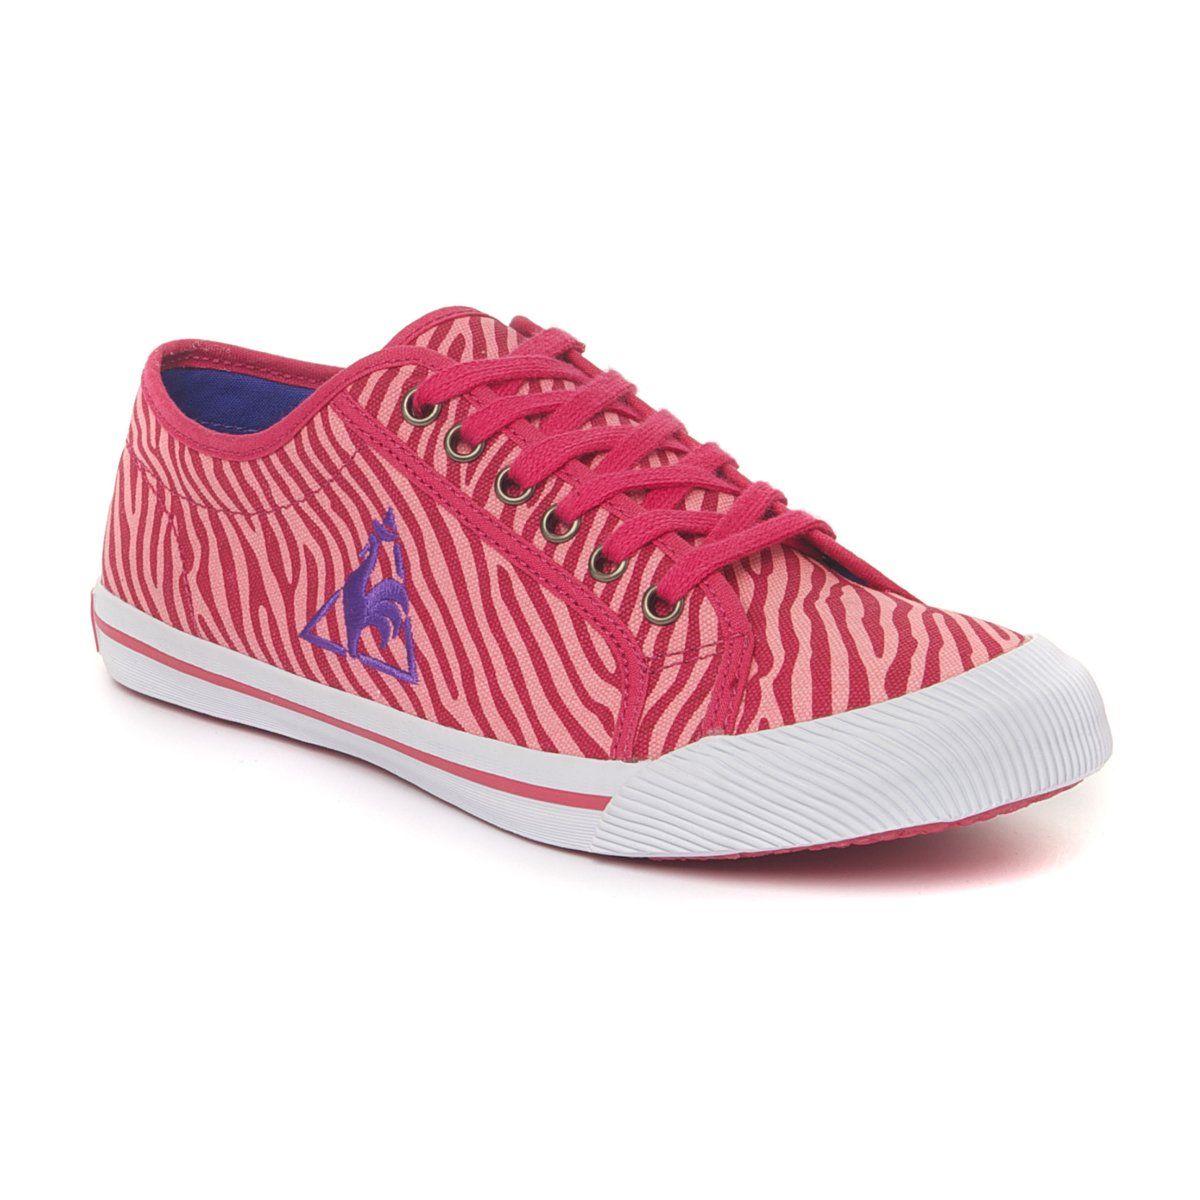 On Availbale Sneakers La Le Coq Shoes Sportif Zebra XZwIZq6Stx